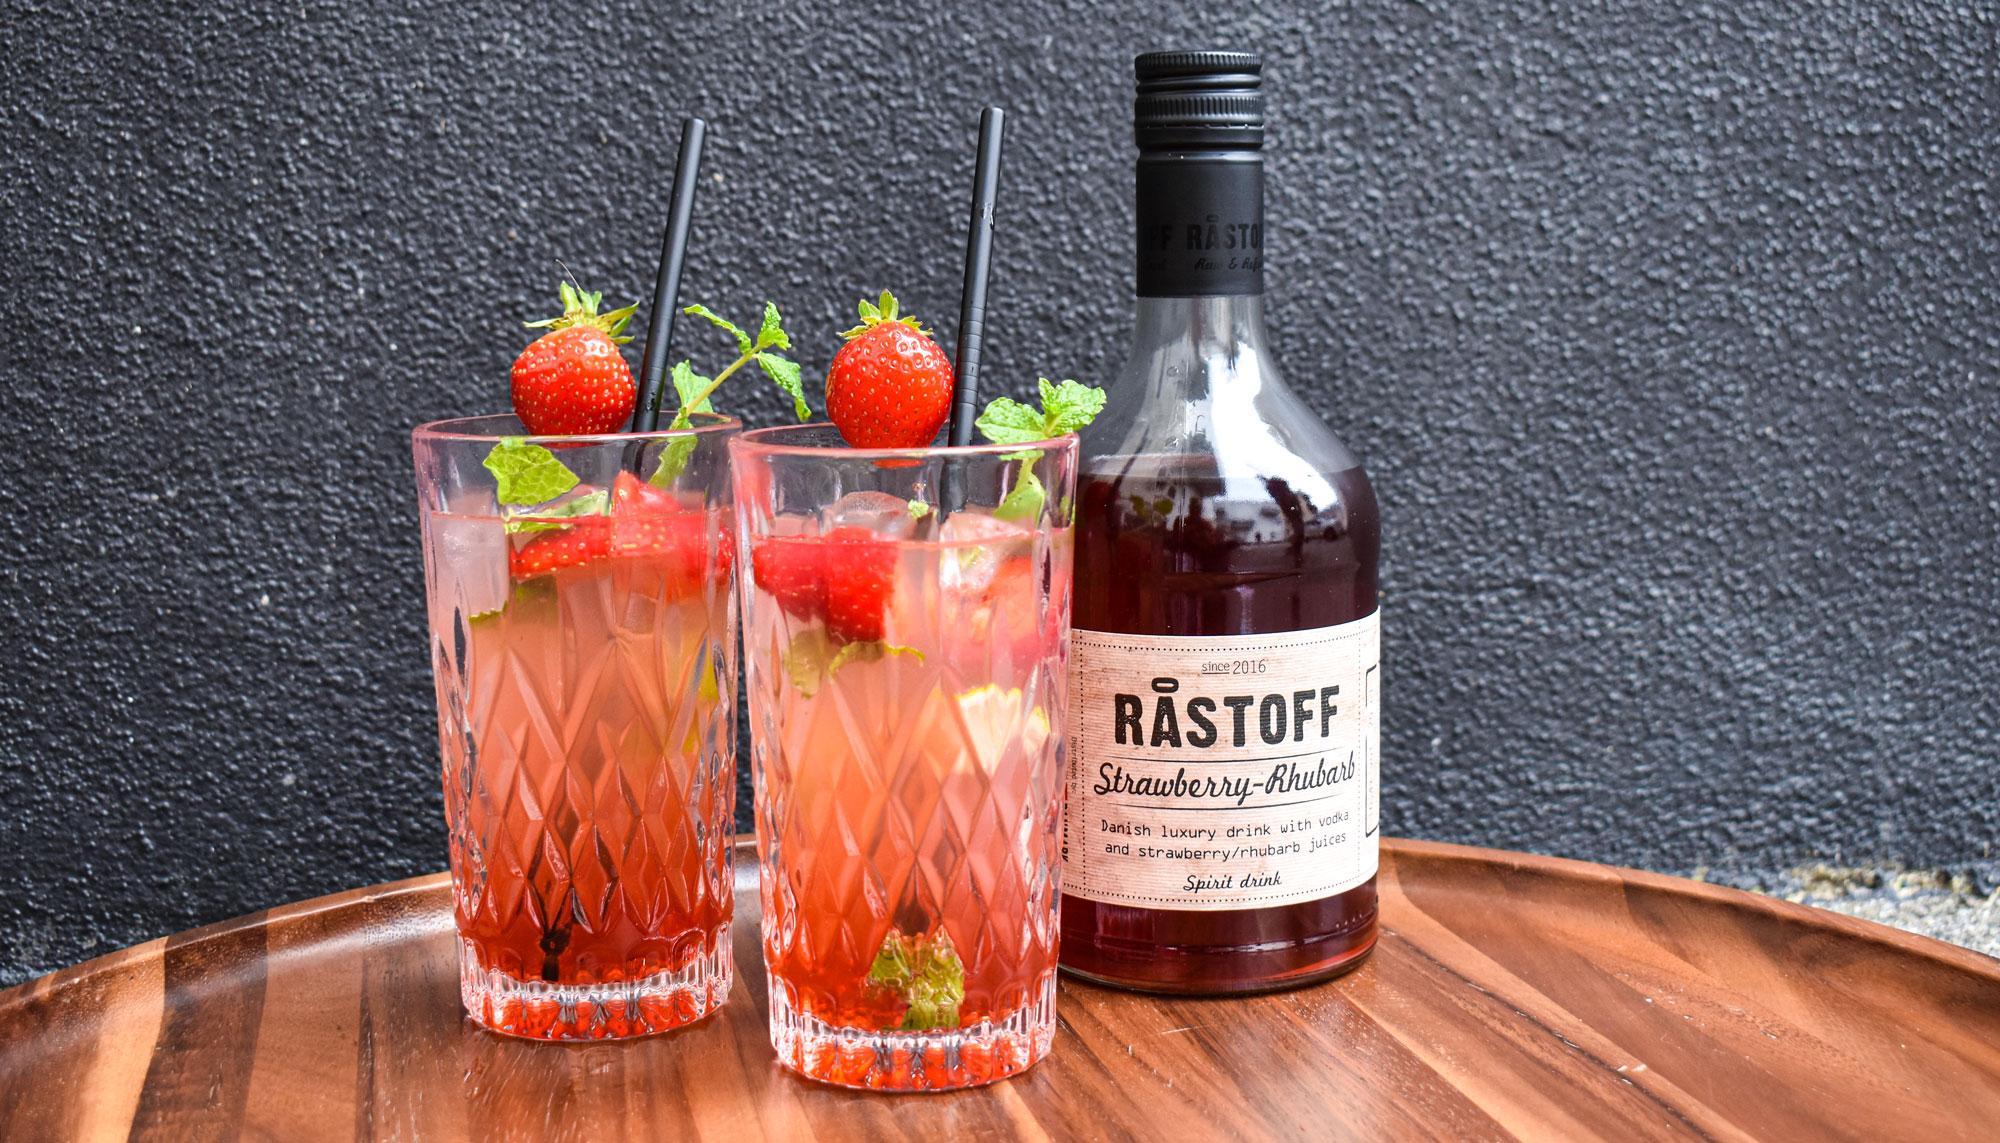 Astronaut-drinken har indtaget landet: Råstoff Strawberry-Rhubarb er et kæmpehit